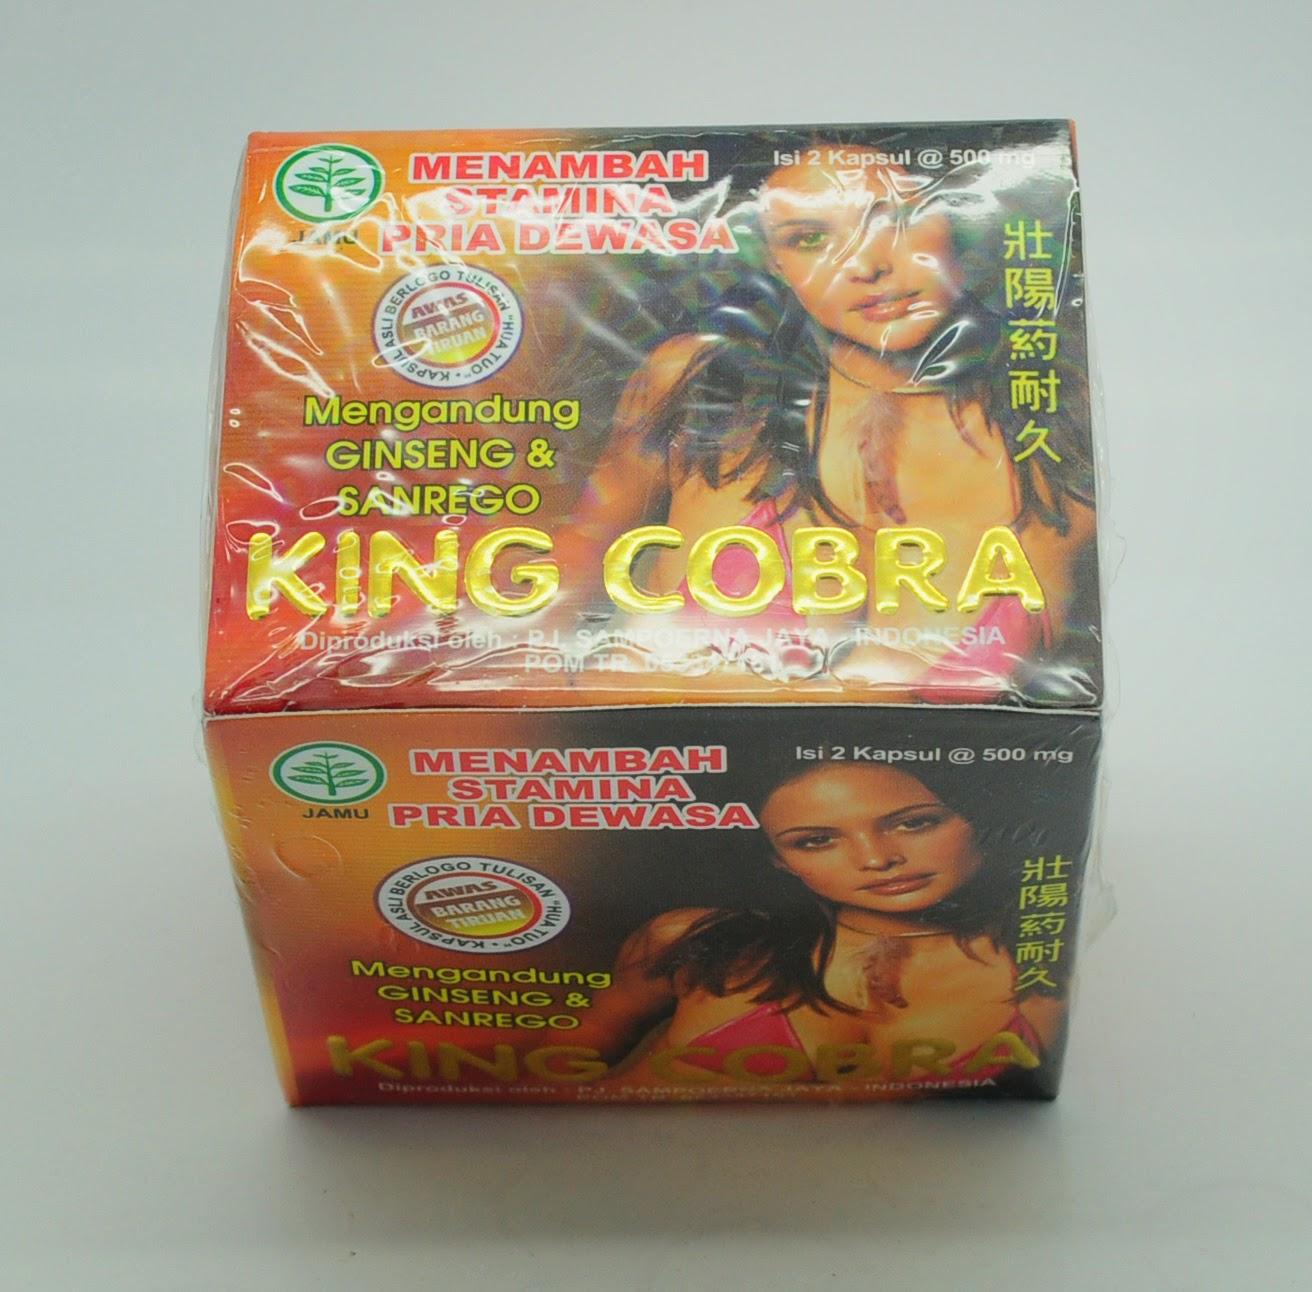 obat kuat harga murah kapsul king cobra jamu kuat seks herbal